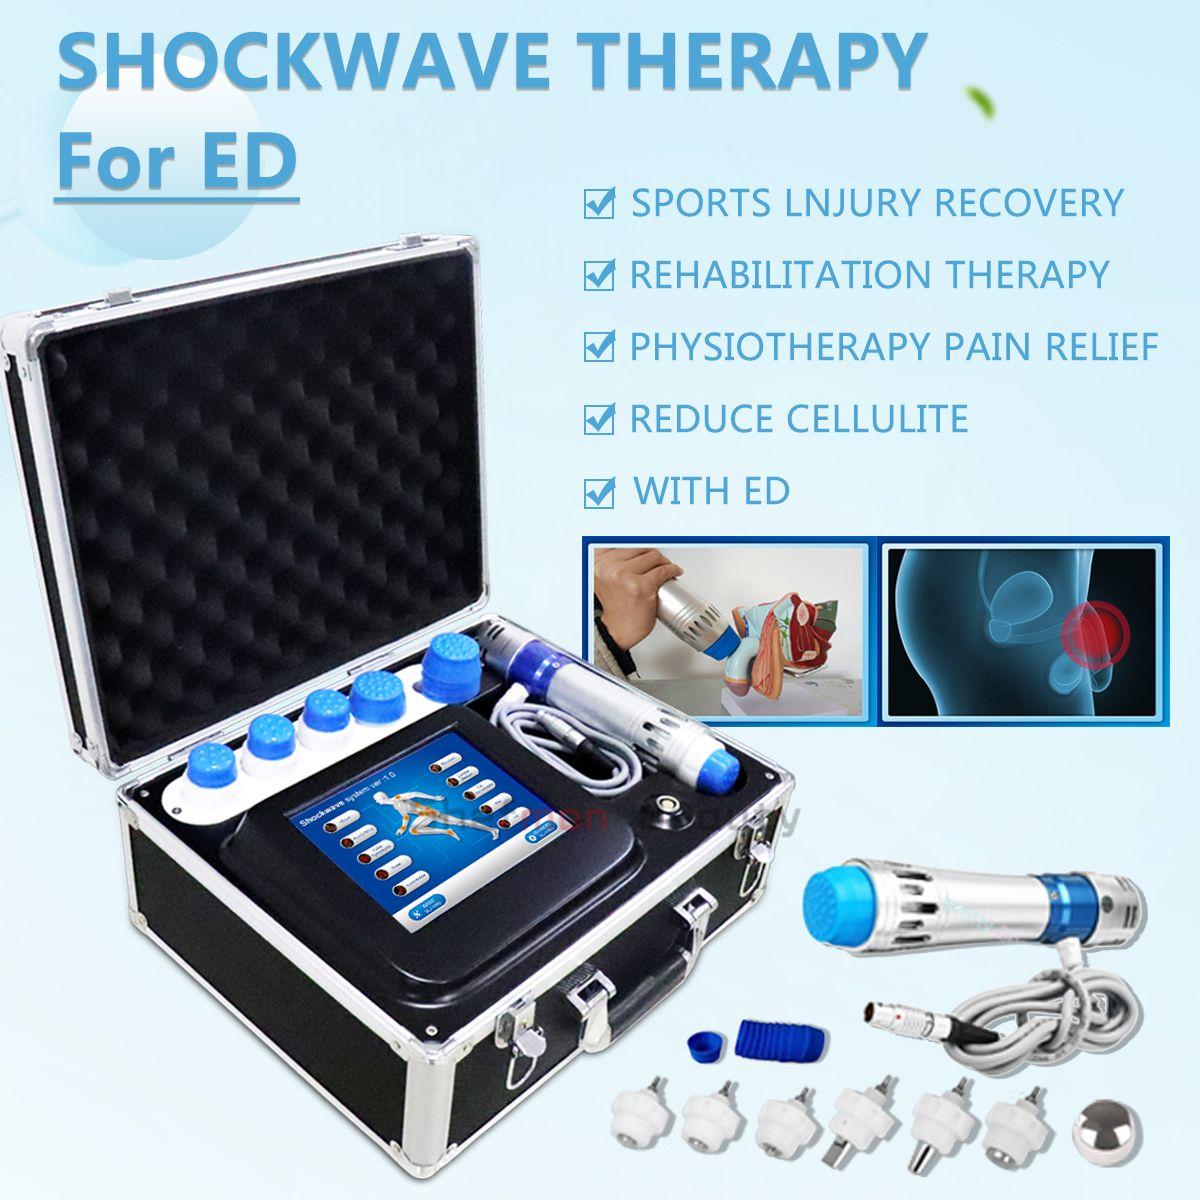 ED Fiziksel Rehab Erektil ESWT Ağrı Yönetimi Tendinit ESWT Profesiyone Vücut Masajı Gun Shockwave Terapi Makine